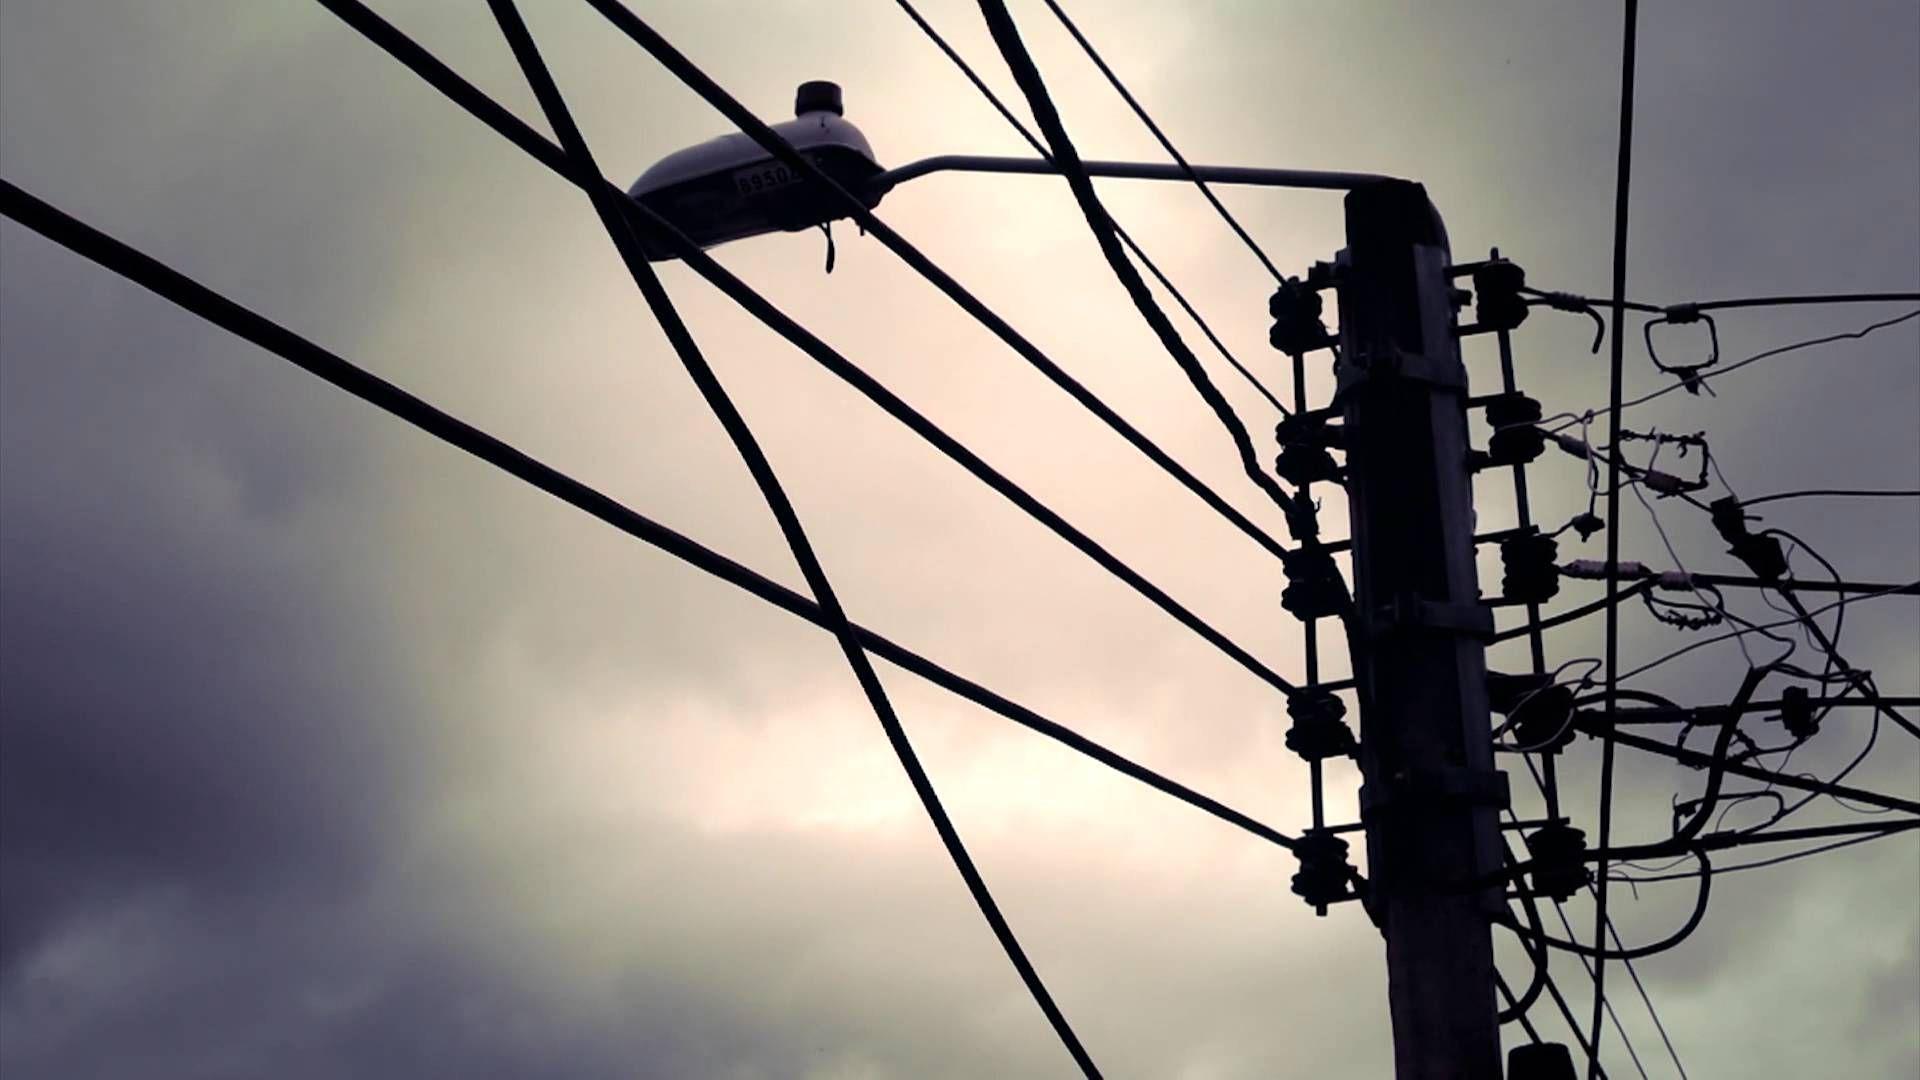 Distribuidor de luz